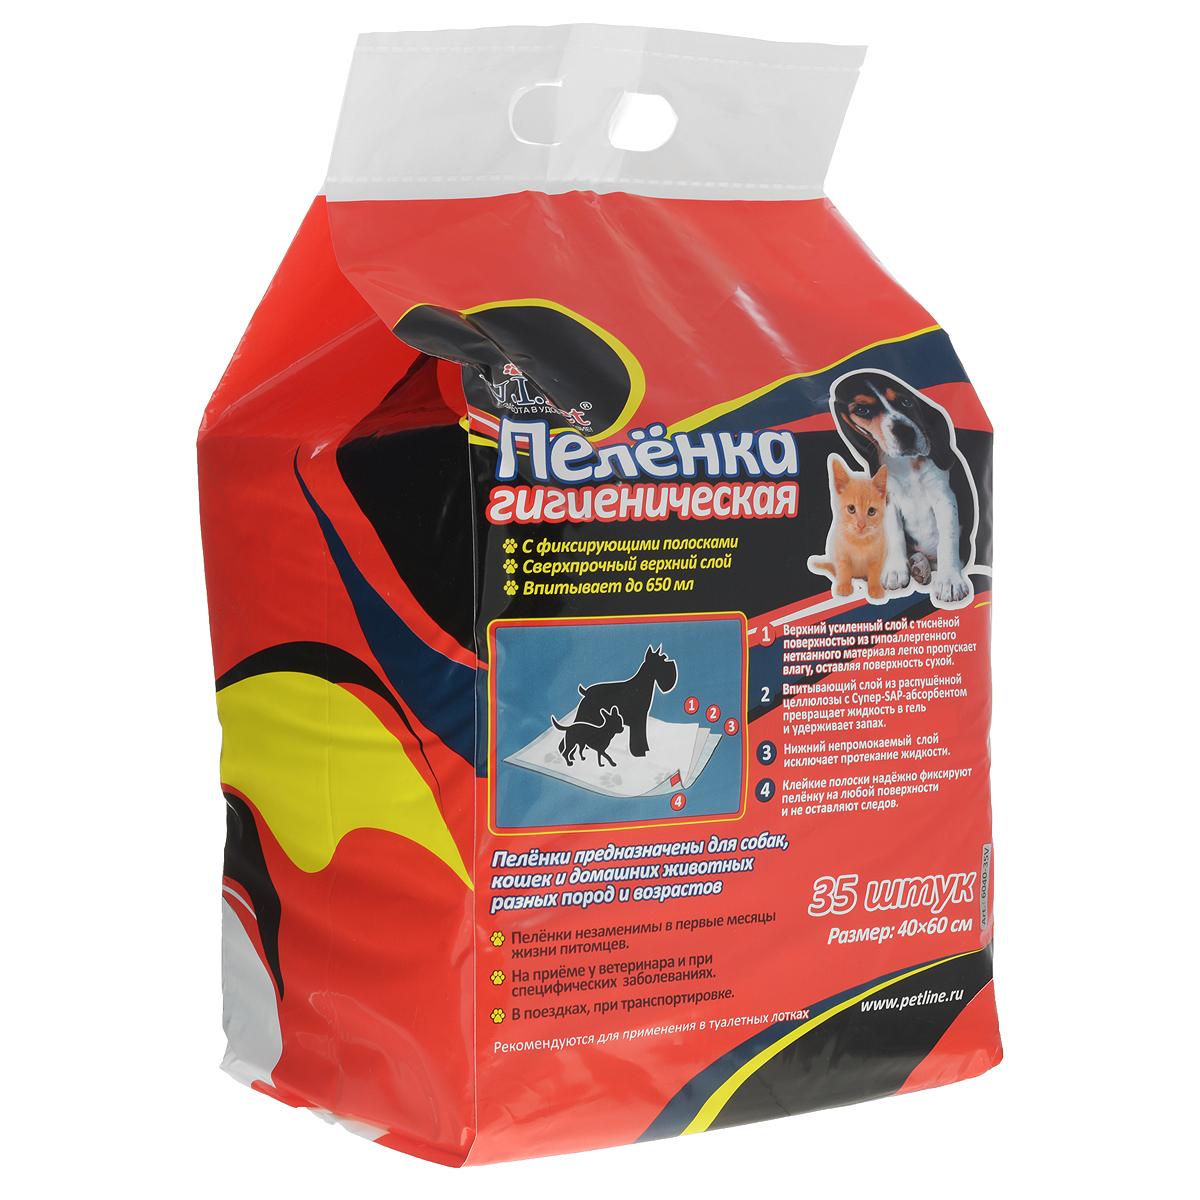 Пеленки для домашних животных V.I.Pet, гигиенические, 40 см х 60 см, 35 шт0120710Впитывающие гигиенические пеленки V.I.Pet предназначены для собак, кошек и других домашних животных разных пород и возрастов. Пеленки имеют 3 слоя:- верхний усиленный слой с тисненой поверхностью из гипоаллергенного нетканного материала легко пропускает влагу, оставляя поверхность сухой; - впитывающий слой из распушенной целлюлозы с Супер-SAP-абсорбентом превращает жидкость в гель и удерживает запах; - нижний непромокаемый слой исключает протекание жидкости; Клейкие полоски надежно фиксируют пеленку на любой поверхности и не оставляют следов. Пеленки незаменимы в первые месяцы жизни щенков, при специфических заболеваниях, поездках, выставках и на приеме у ветеринара. Подходят для туалетных лотков.Благодаря оригинальной 3-х слойной компановке, пеленки прекрасно удерживают влагу. Сохраняют форму, поглощая до 650 мл жидкости. Сверхпрочный верхний слой устойчив к повреждениям и острым когтям. Пеленки обеспечивают комфорт и спокойствие вам и вашему питомцу. Комплектация: 35 шт. Размер пеленки: 40 см х 60 см.Товар сертифицирован.